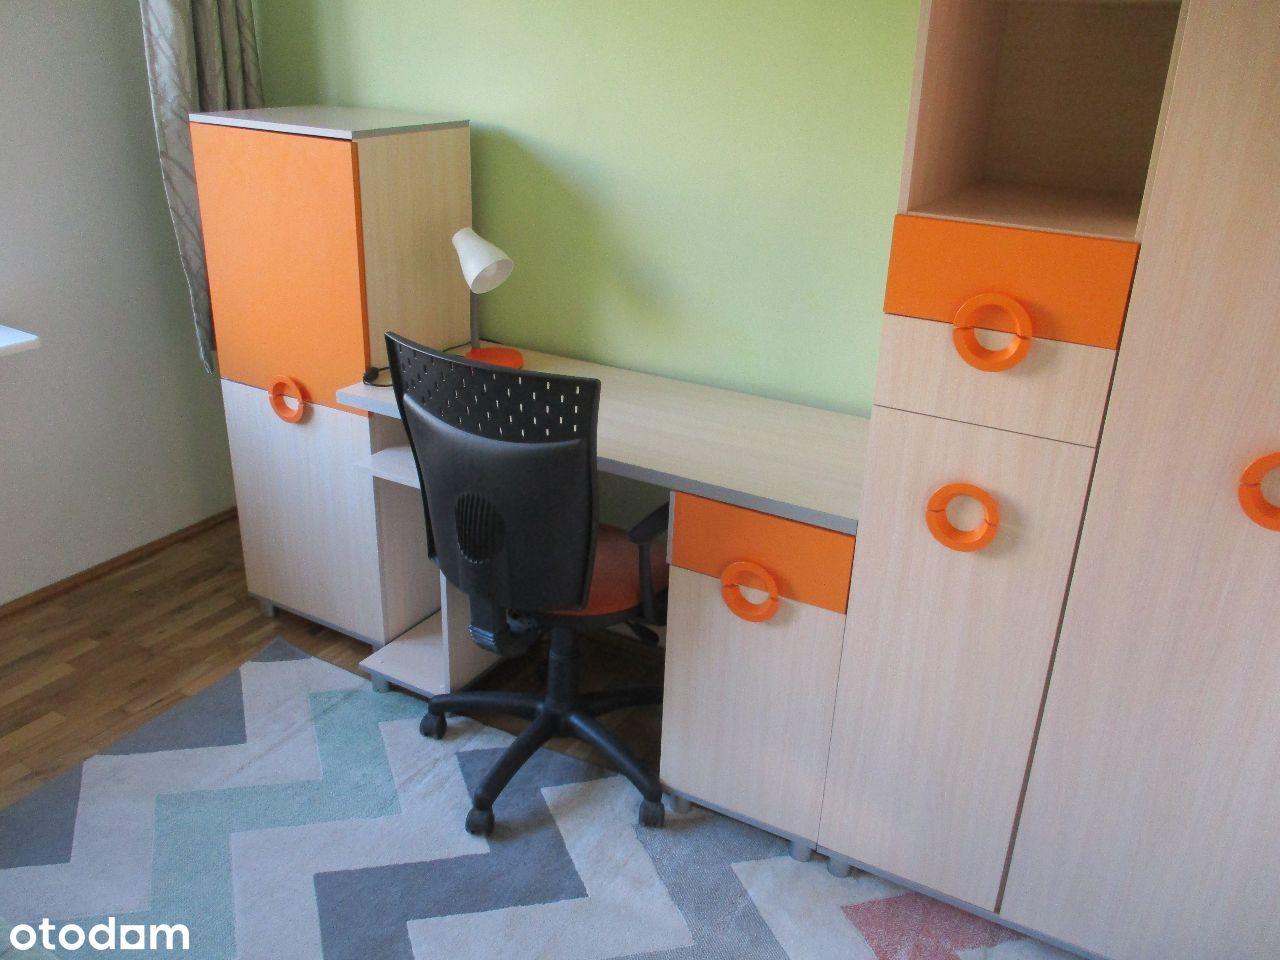 Kolorowy pokój jednoosobowy dla studentki